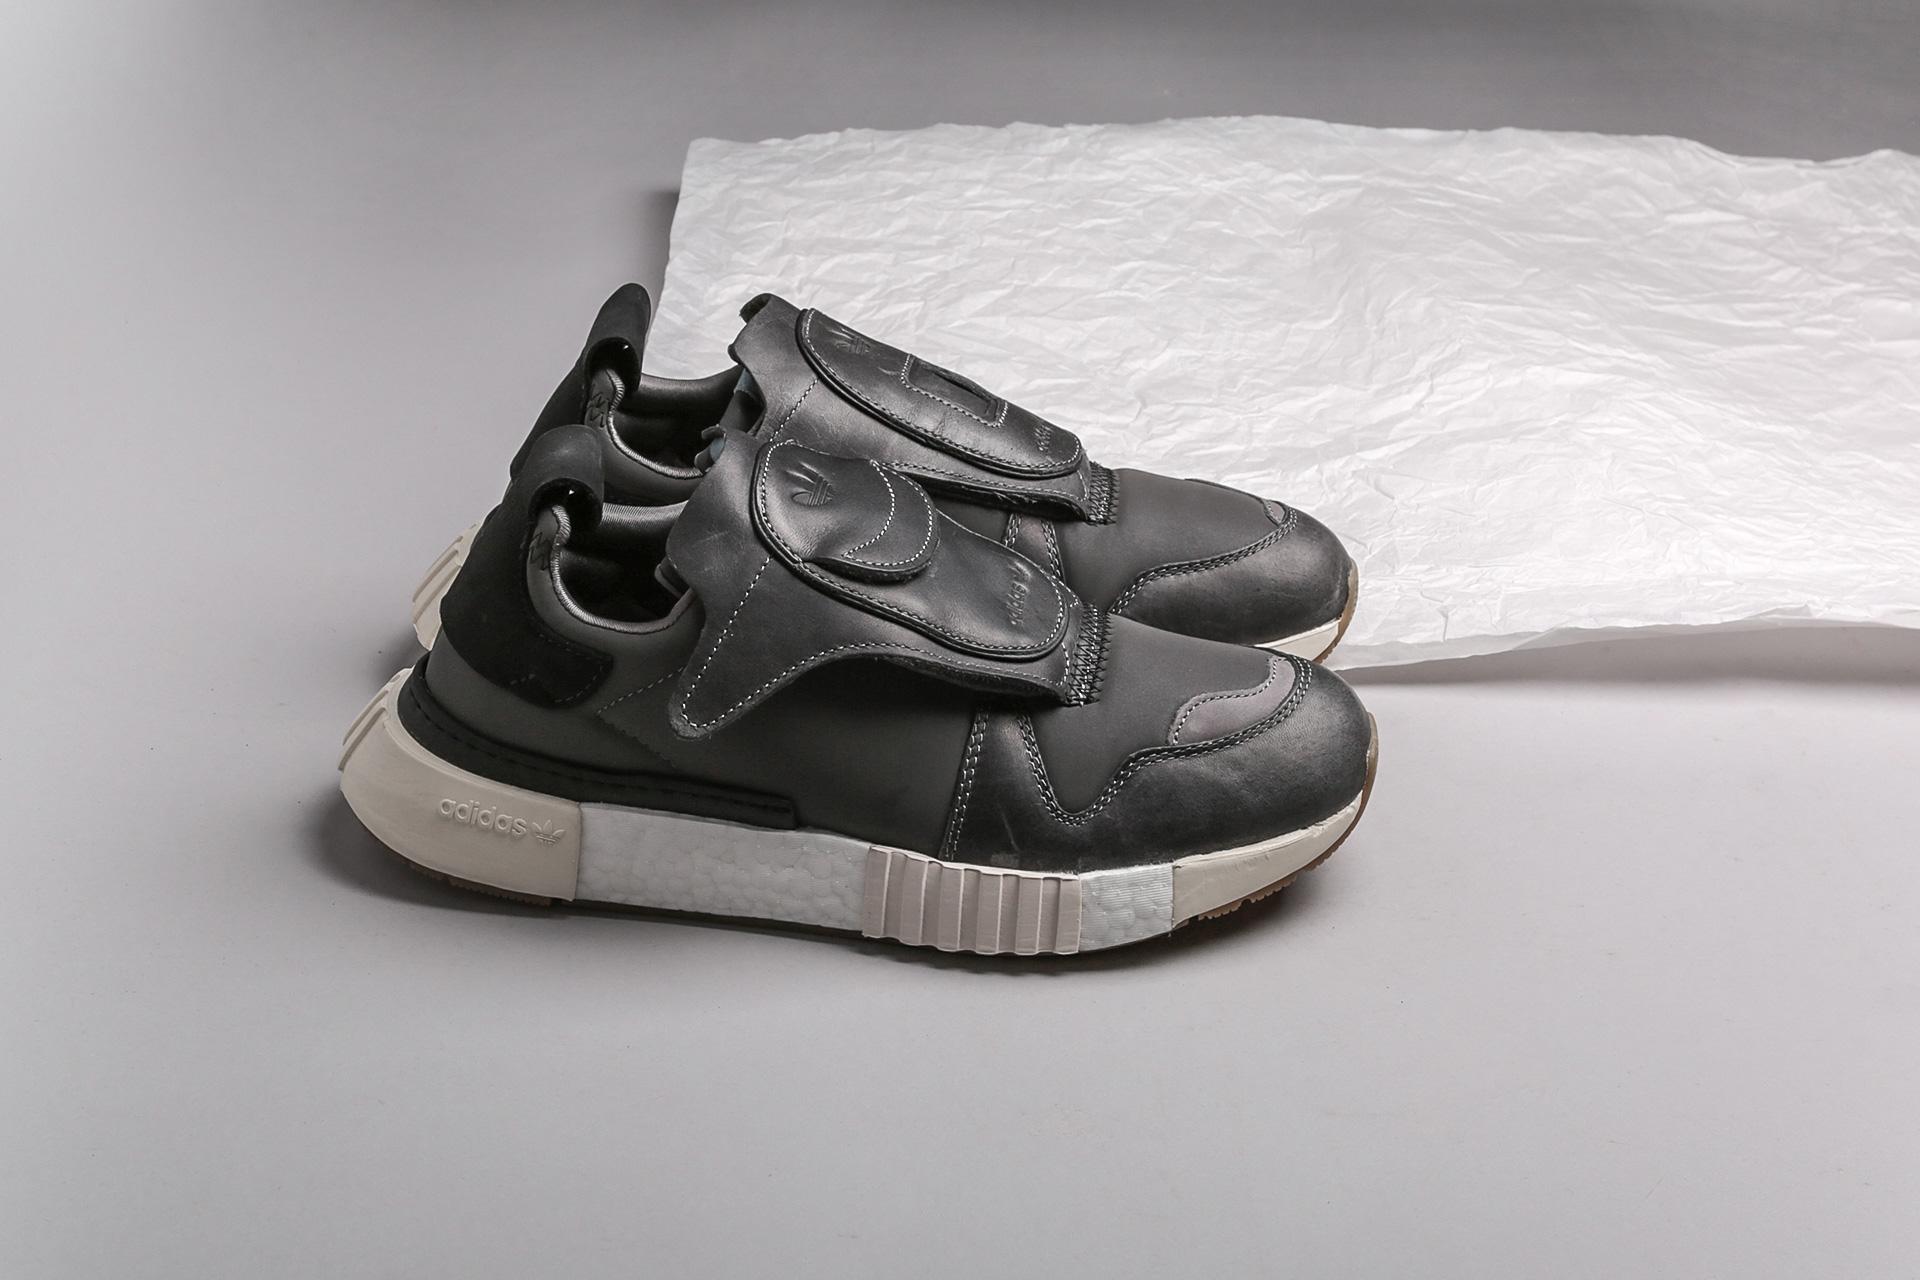 520db9cc Купить серые мужские кроссовки Futurepacer от adidas Originals ...